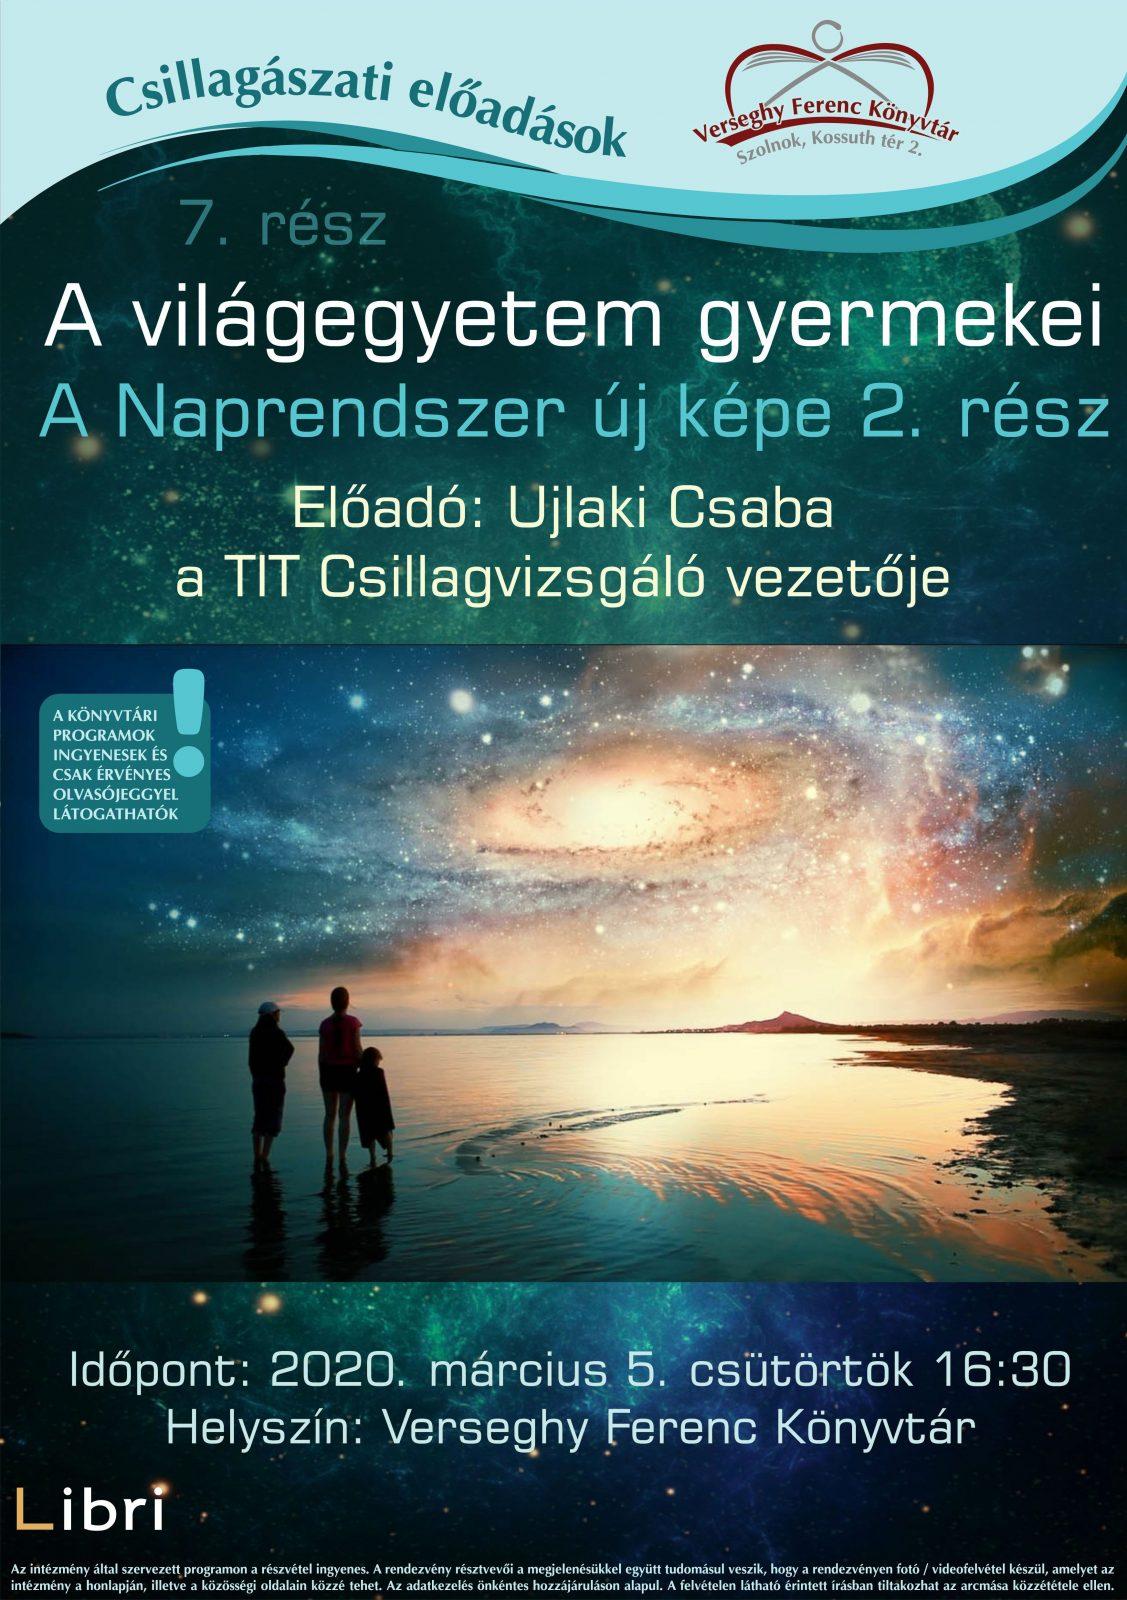 2020.03.05. Csillagászat. Plakát.